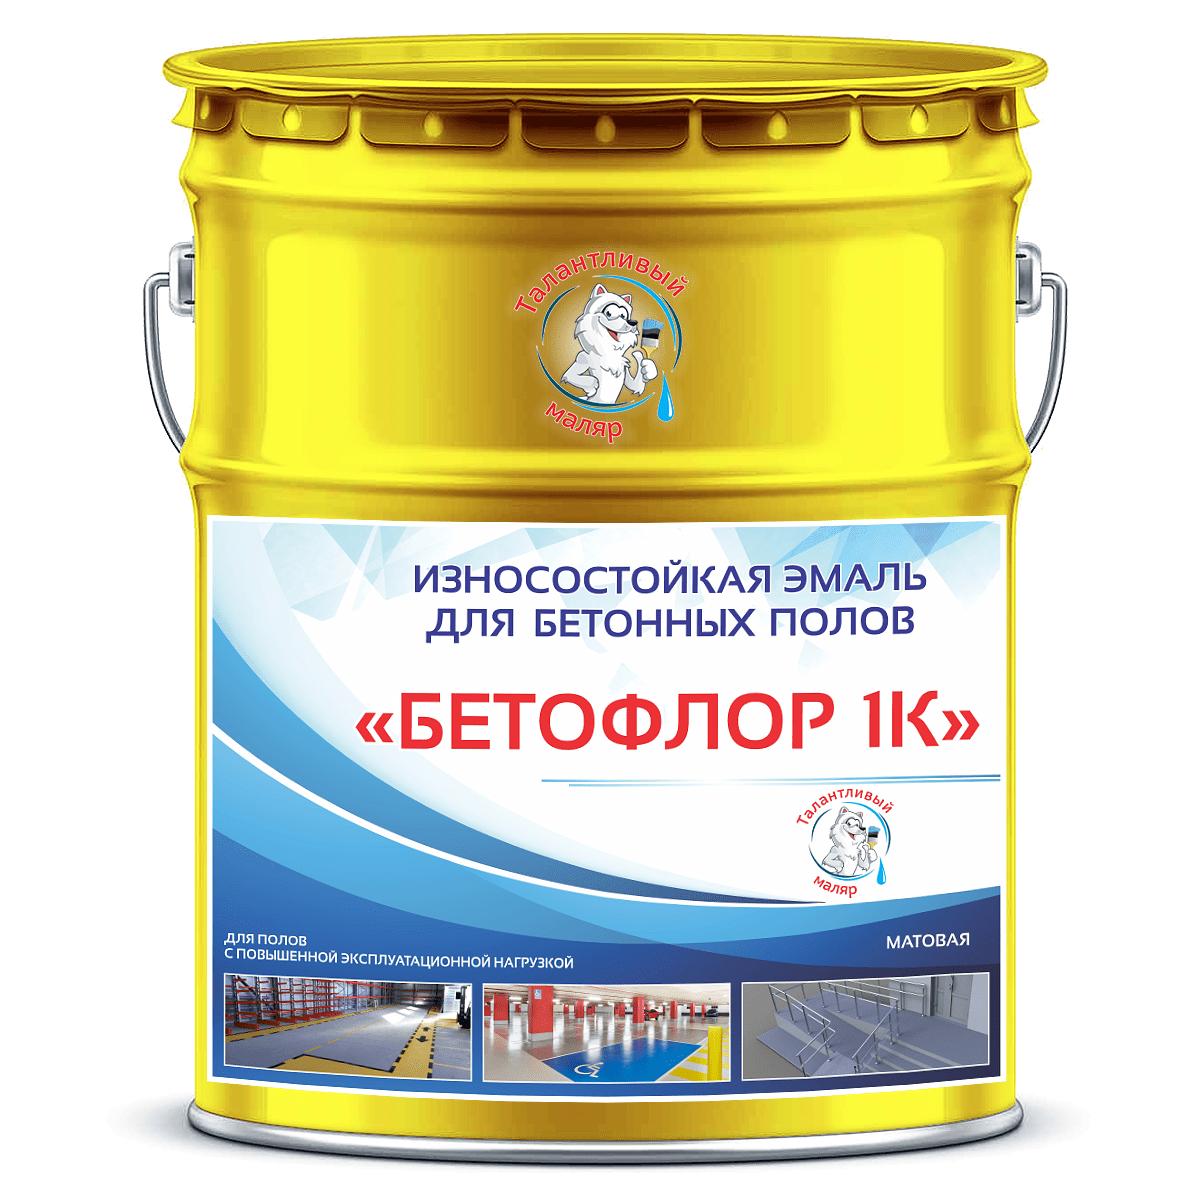 """Фото 24 - BF1032 Эмаль для бетонных полов """"Бетофлор"""" 1К цвет RAL 1032 Жёлтый ракитник, матовая износостойкая, 25 кг """"Талантливый Маляр""""."""